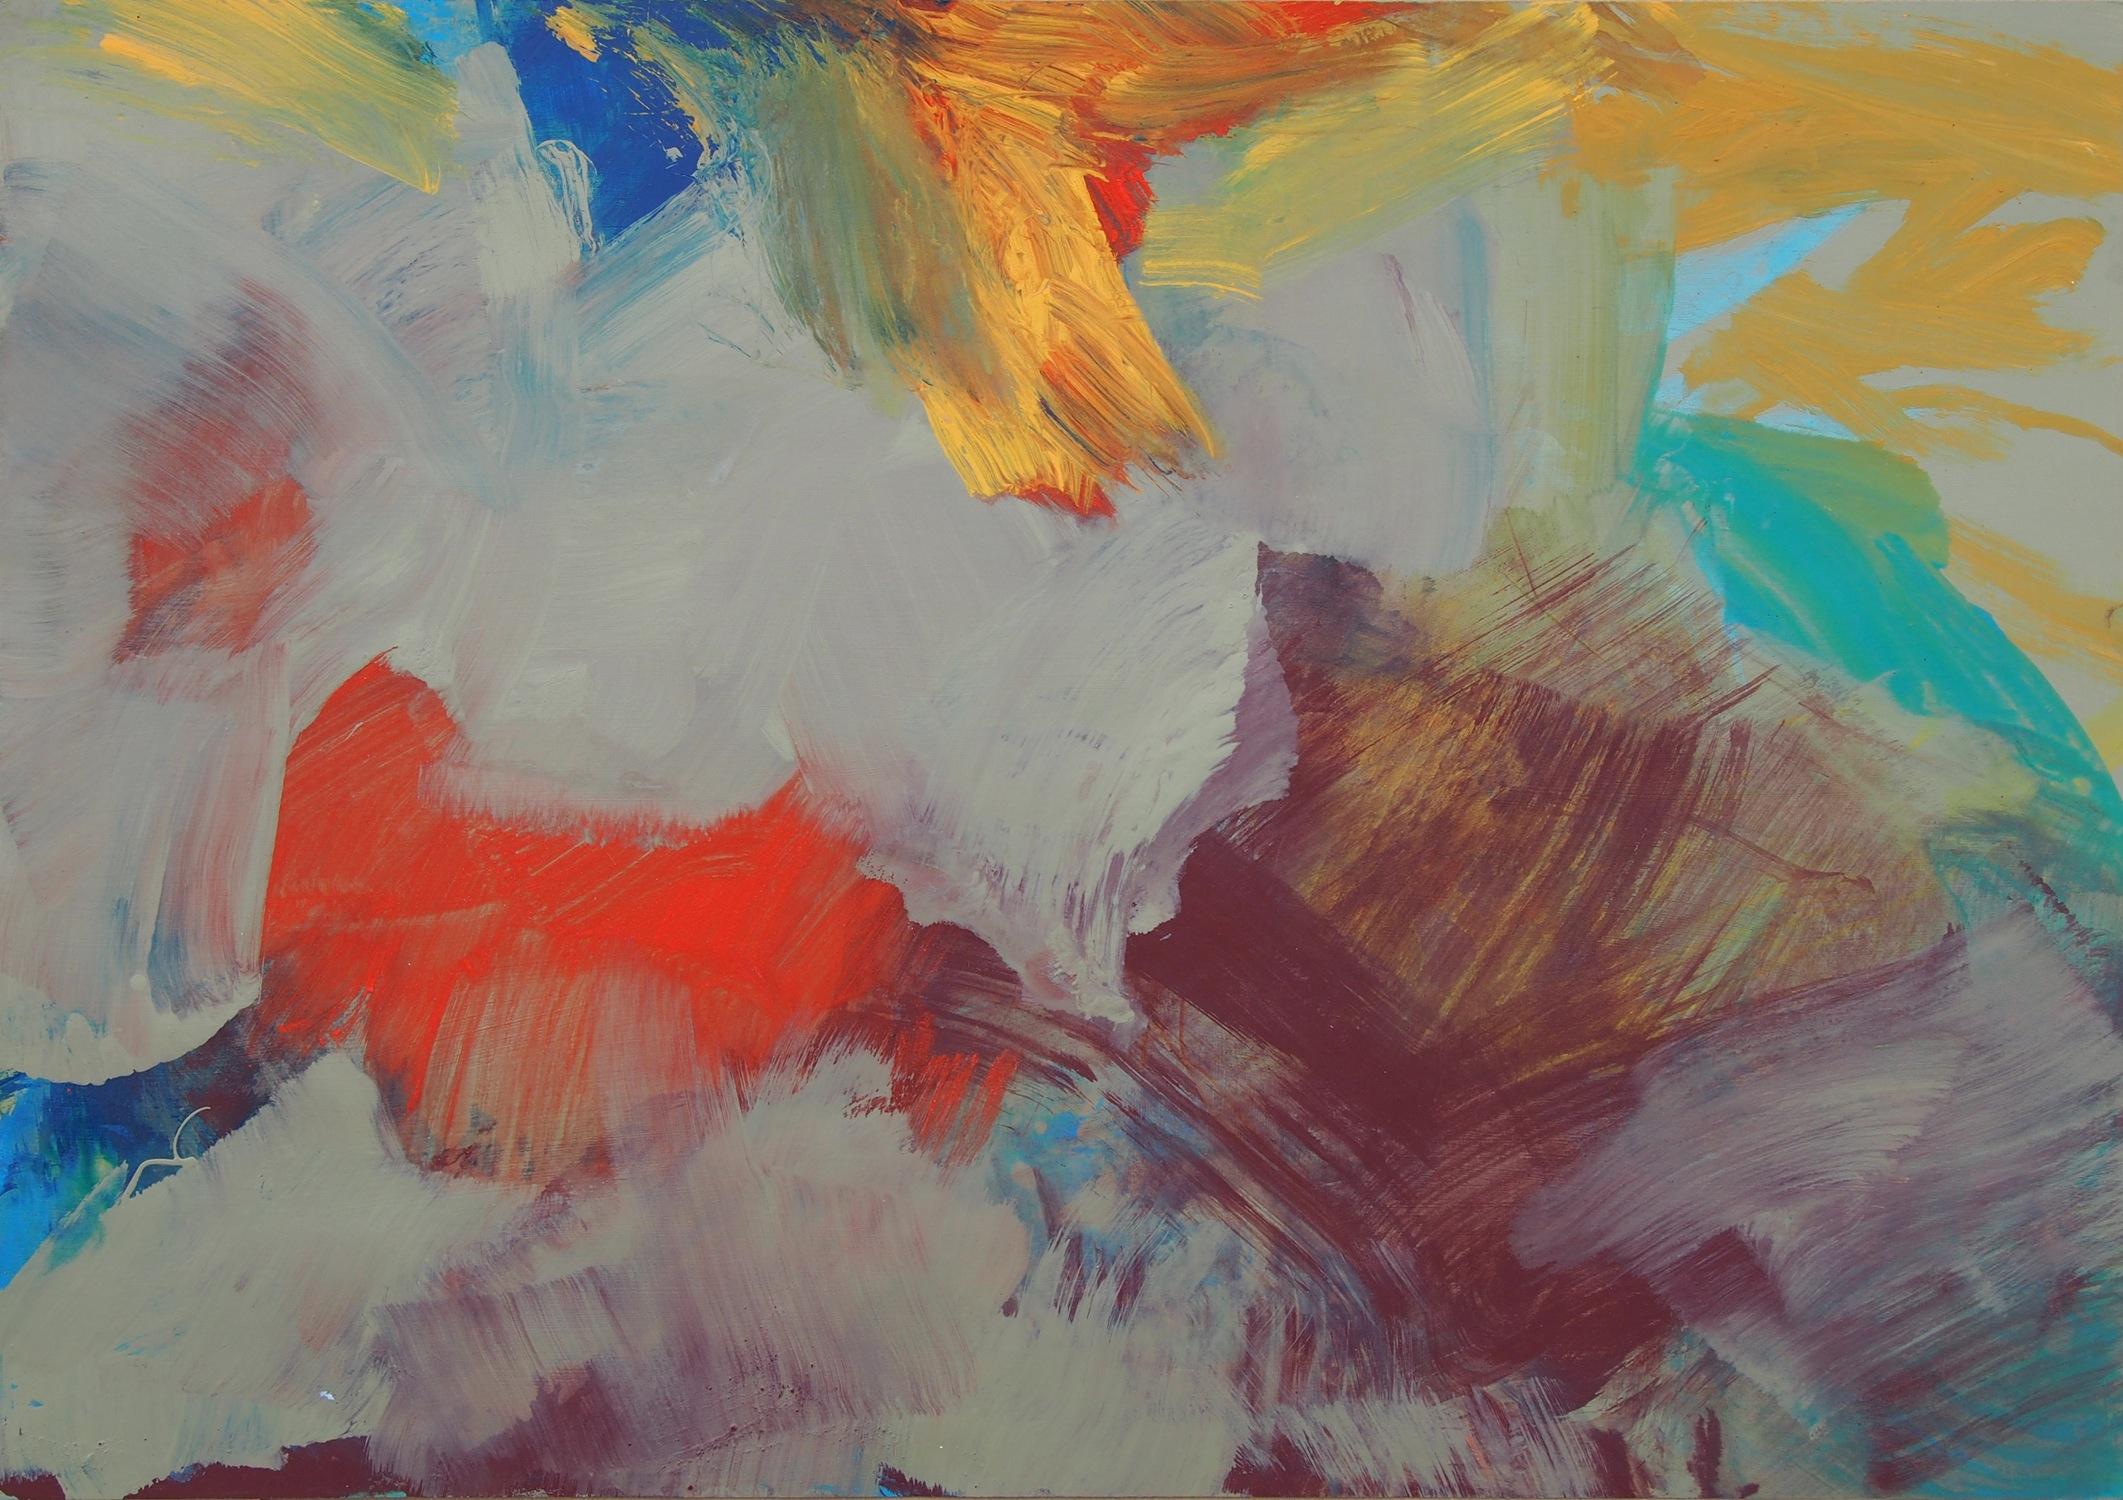 Peinture industrielle 6 - LN Le Cheviller - KAZoART